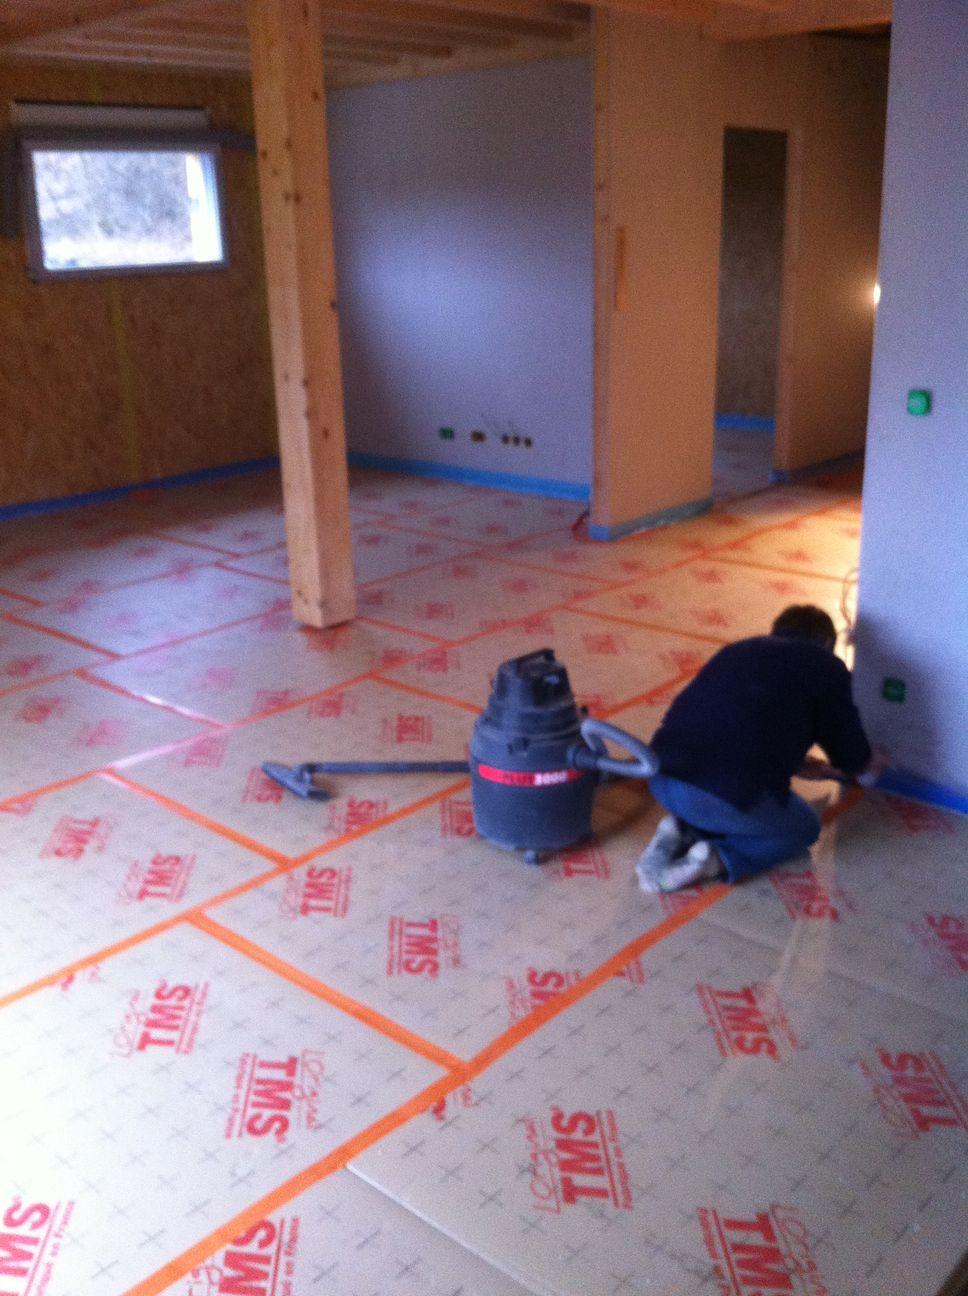 Le plancher chauffant hydraulique blog maison for Plancher chauffant hydraulique